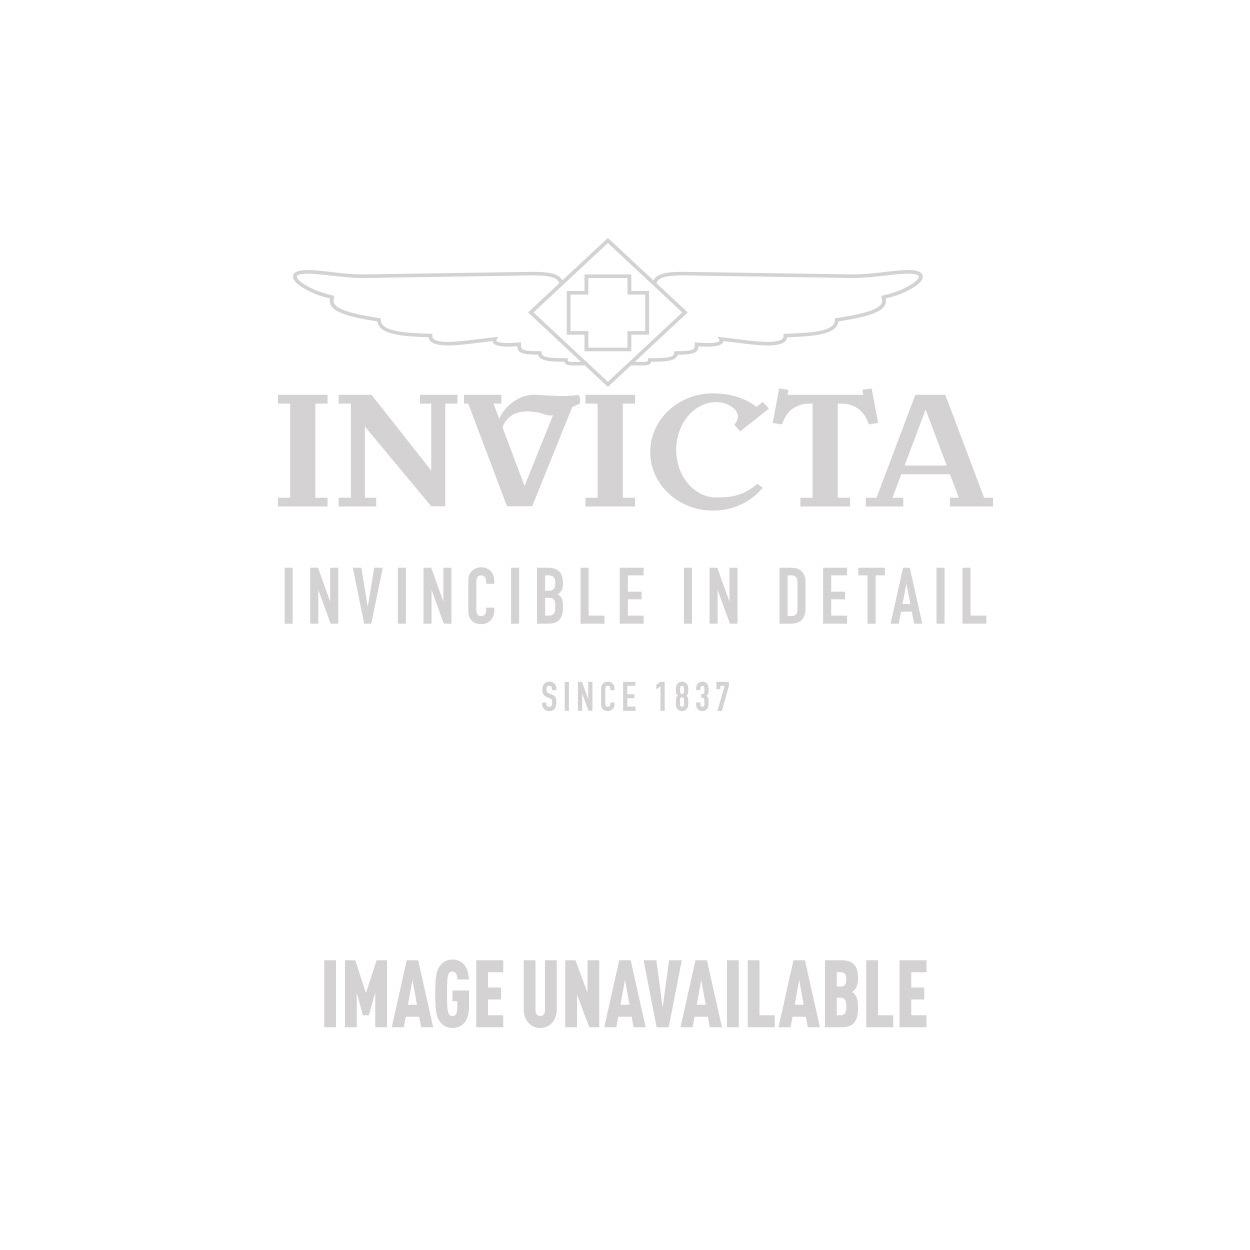 Invicta Model  24300